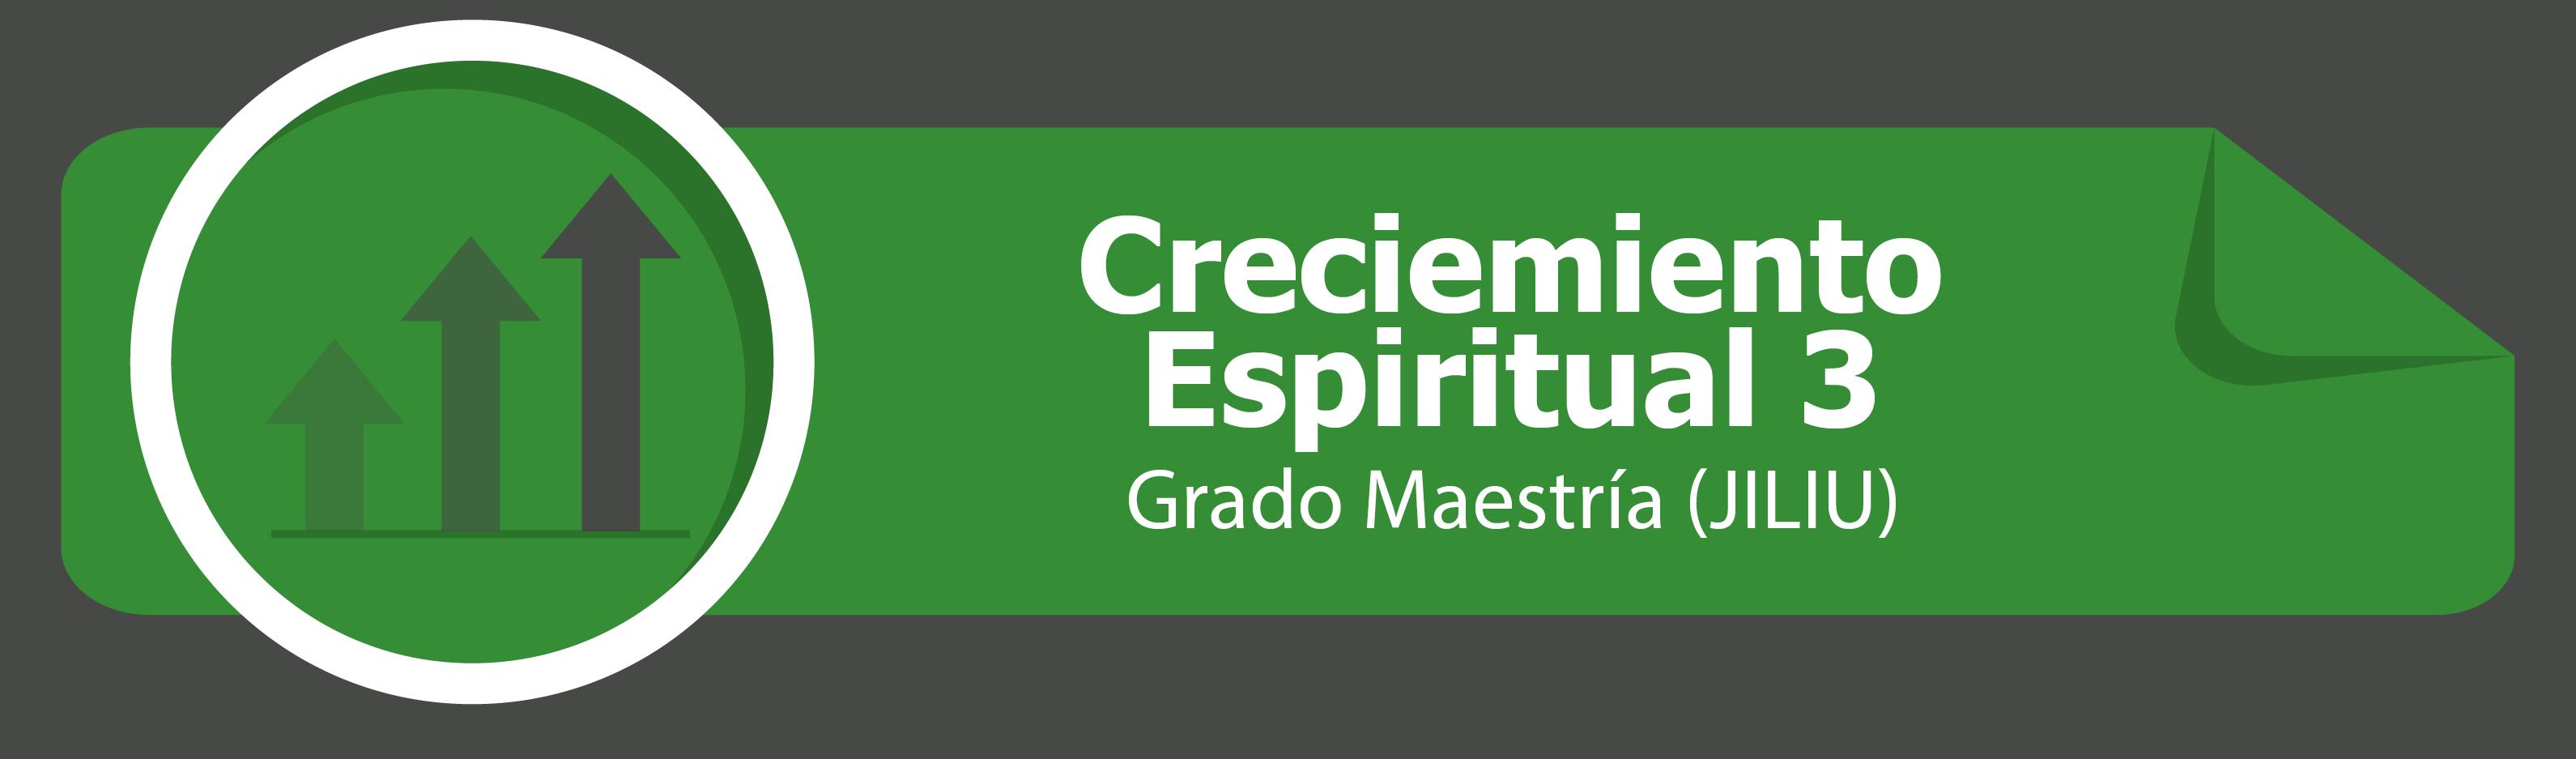 Crecimiento Espiritual 3